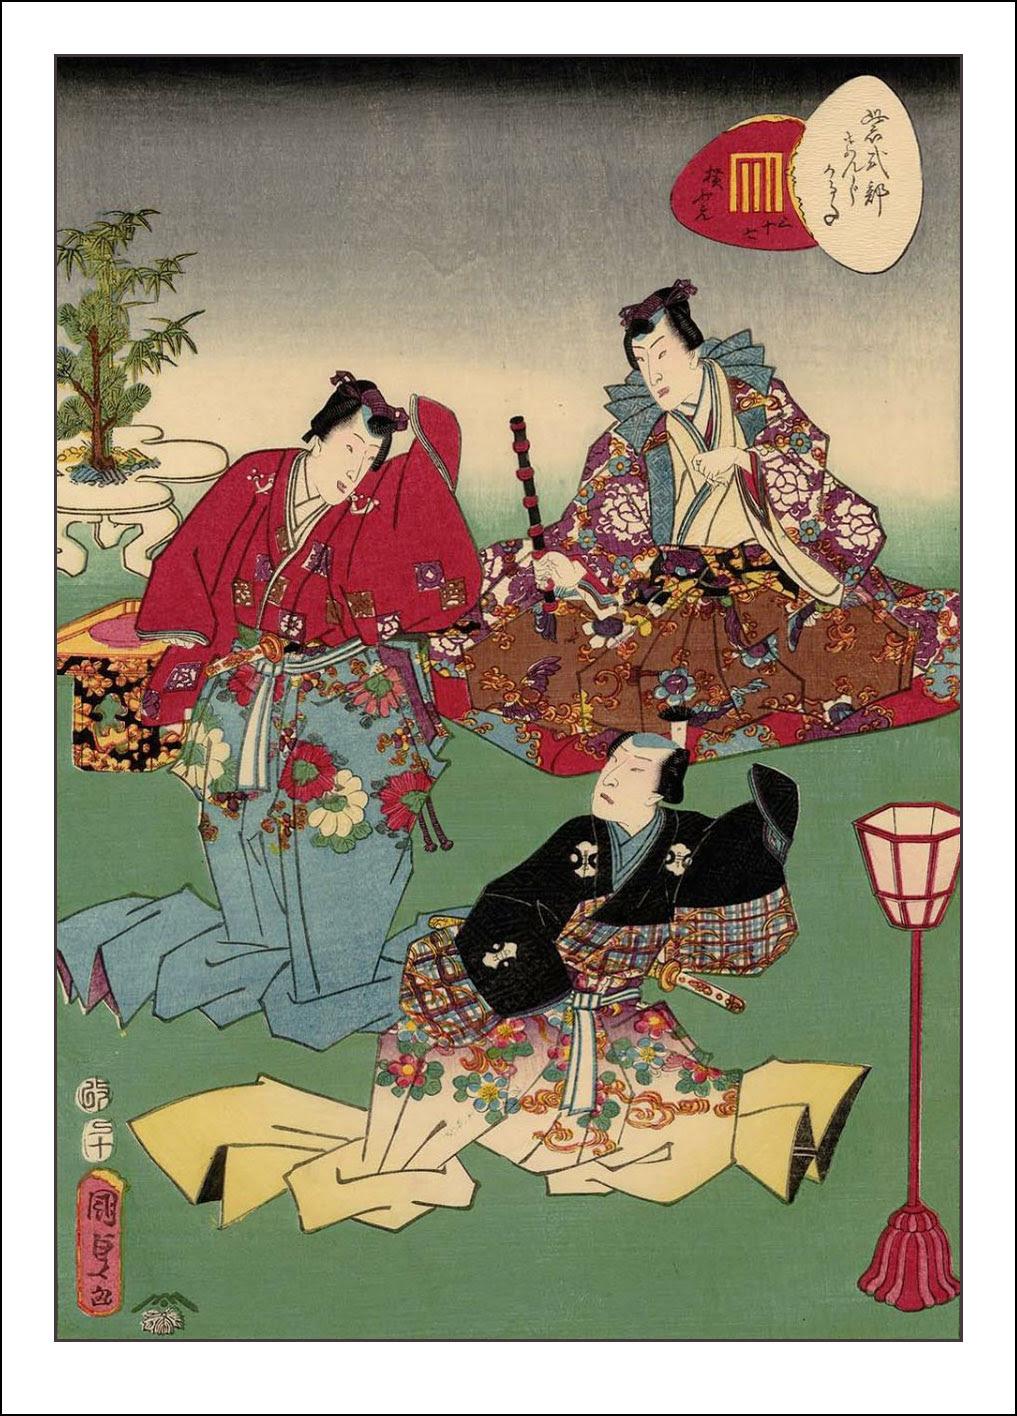 Kunisada II, The Tale of Genji